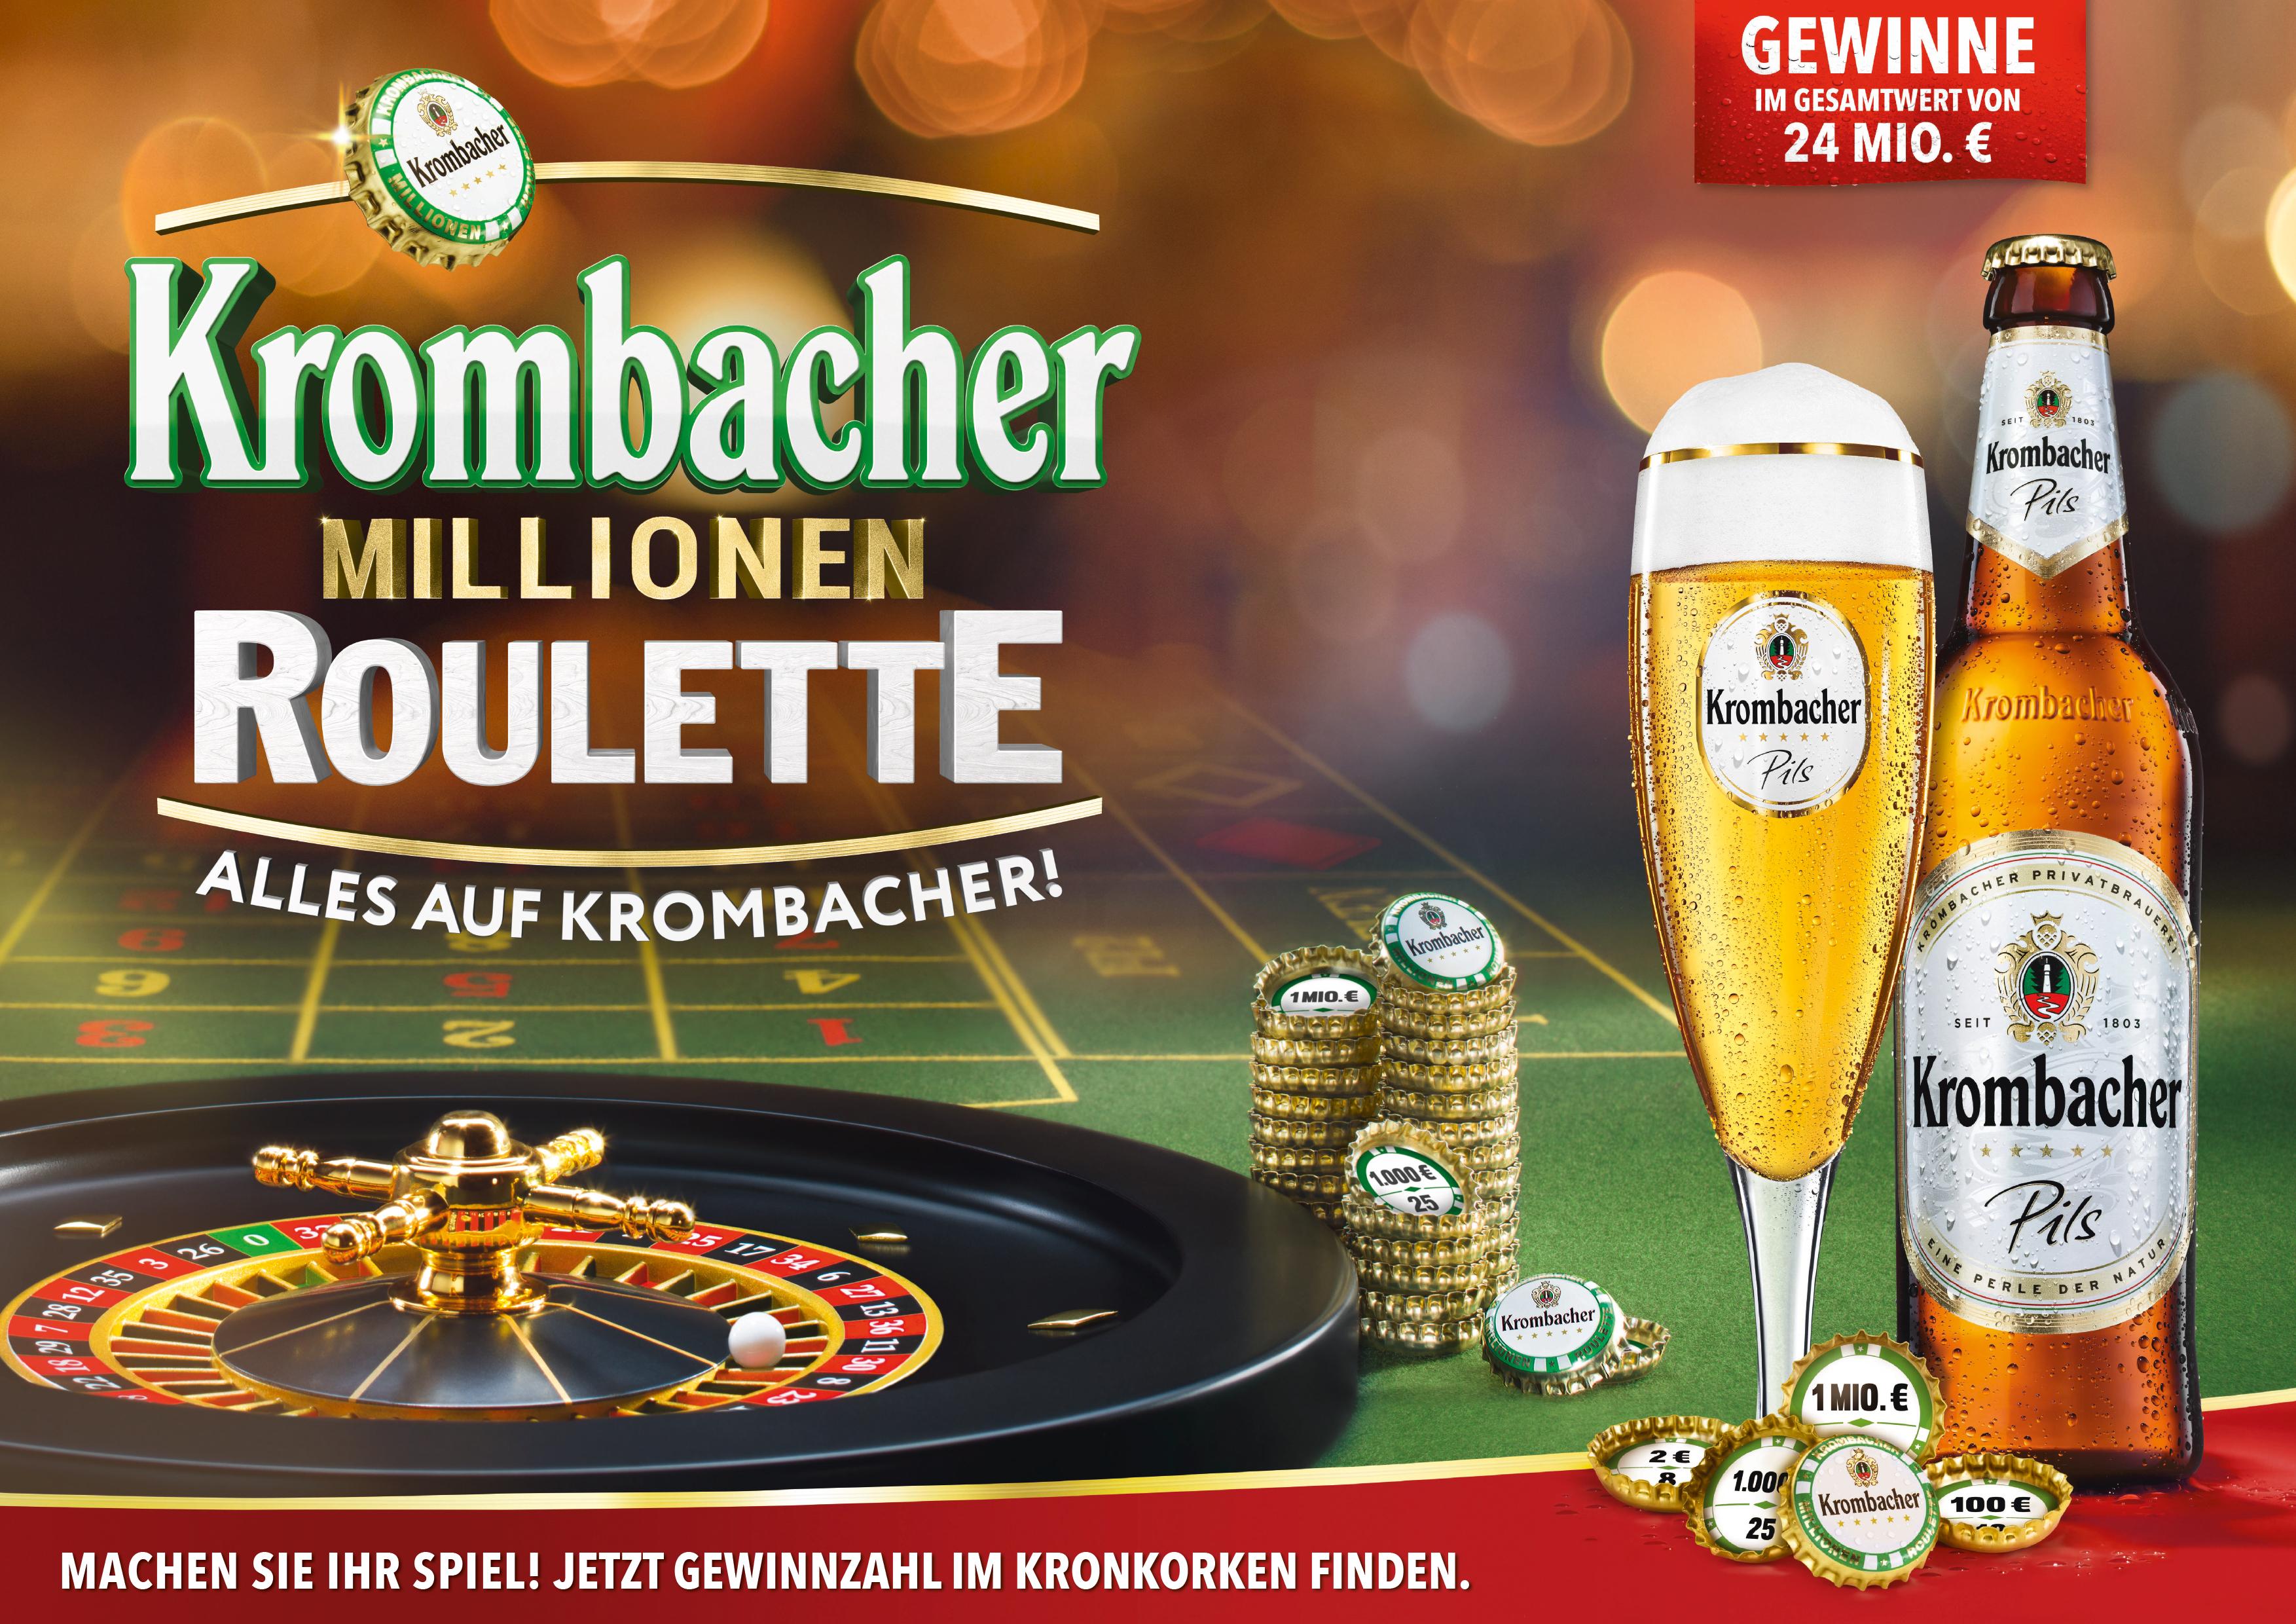 Www.Krombacher.De Roulette